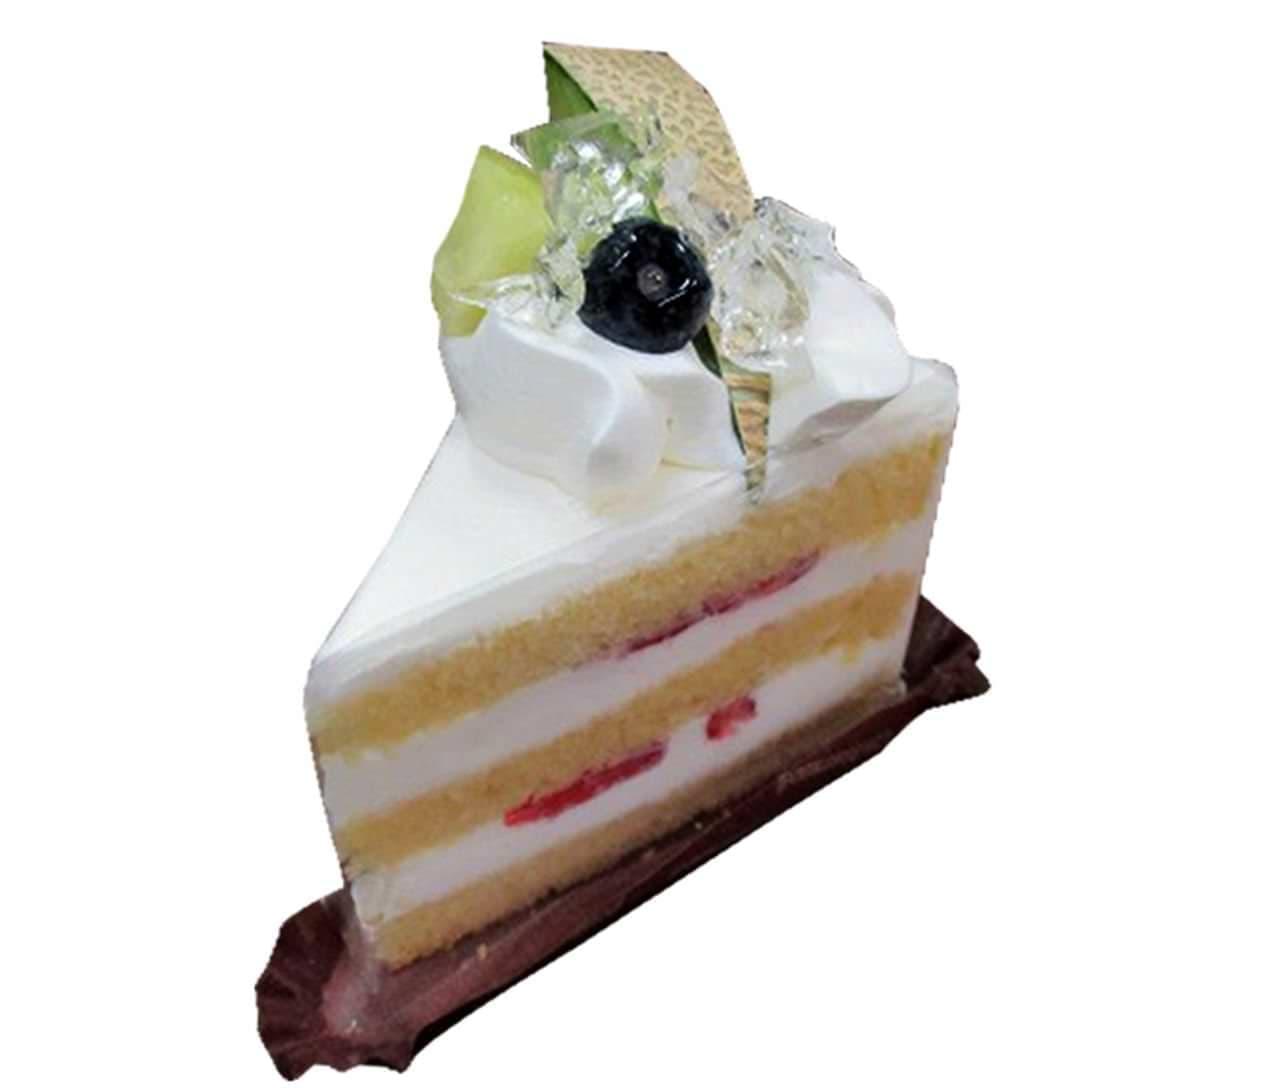 シャトレーゼ「アンデスメロンとフルーツのプレミアムショートケーキ」